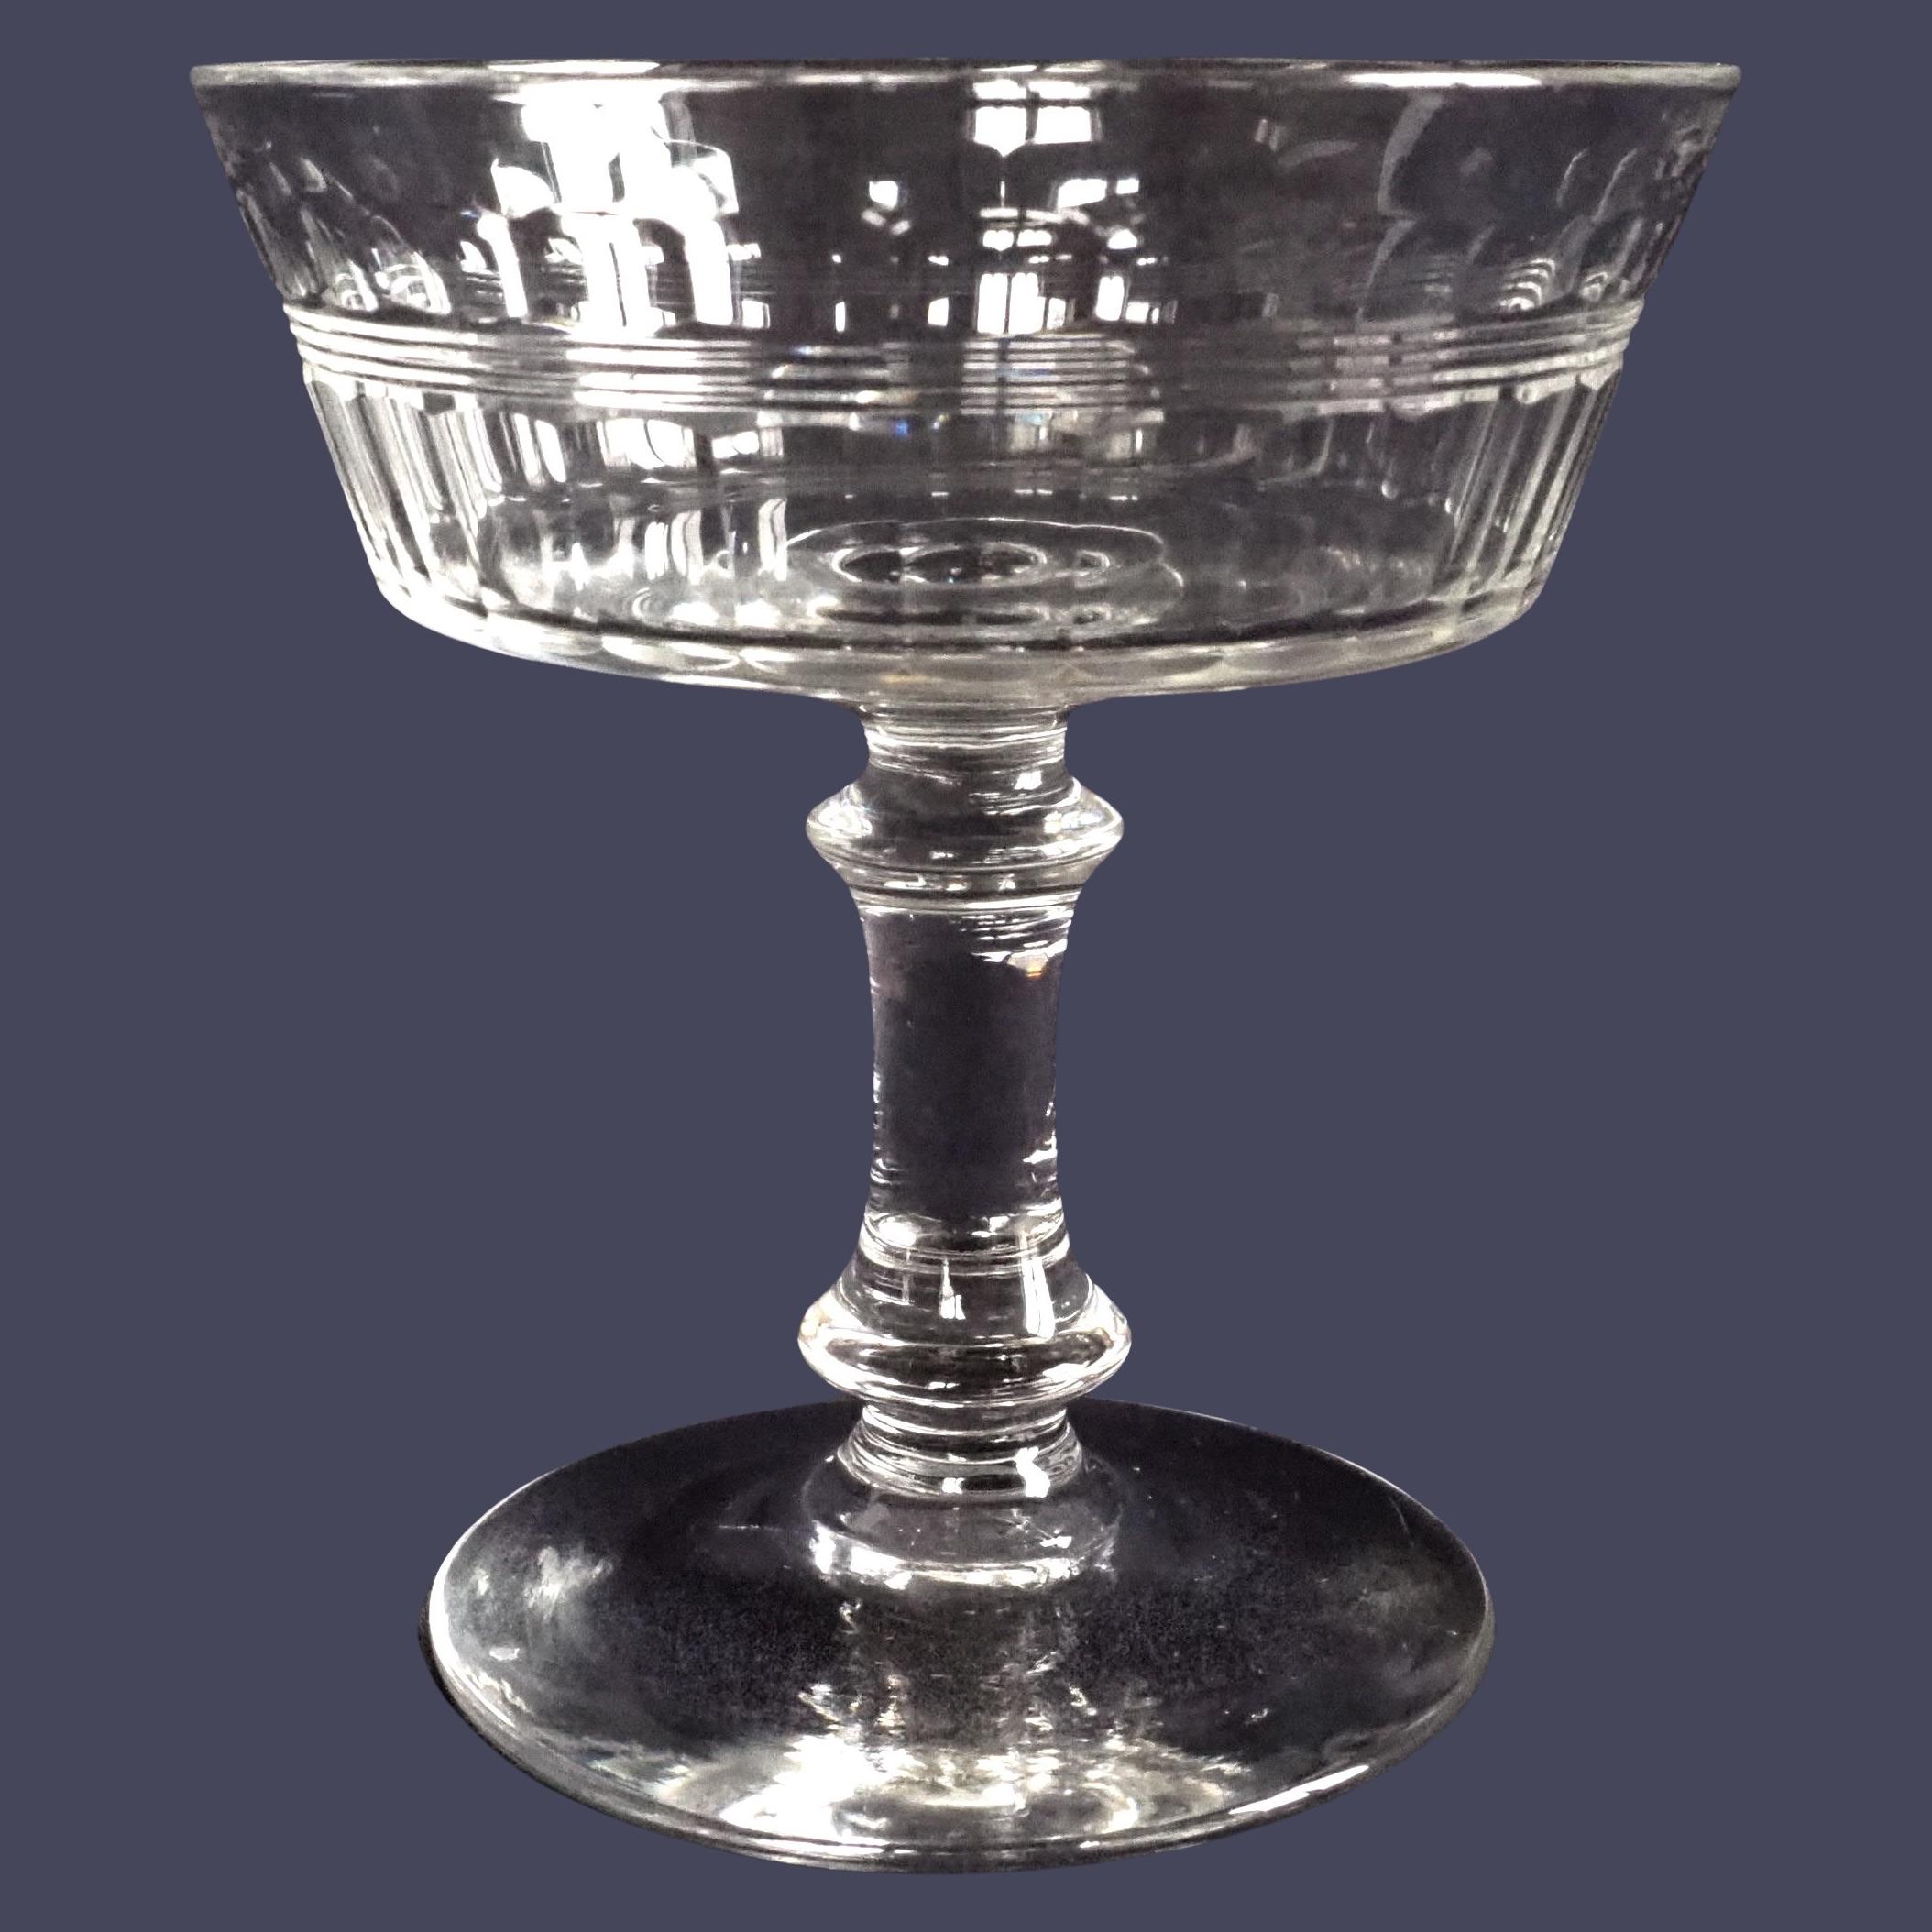 Coupe à champagne en cristal taillé de Baccarat, modèle proche de Chicago